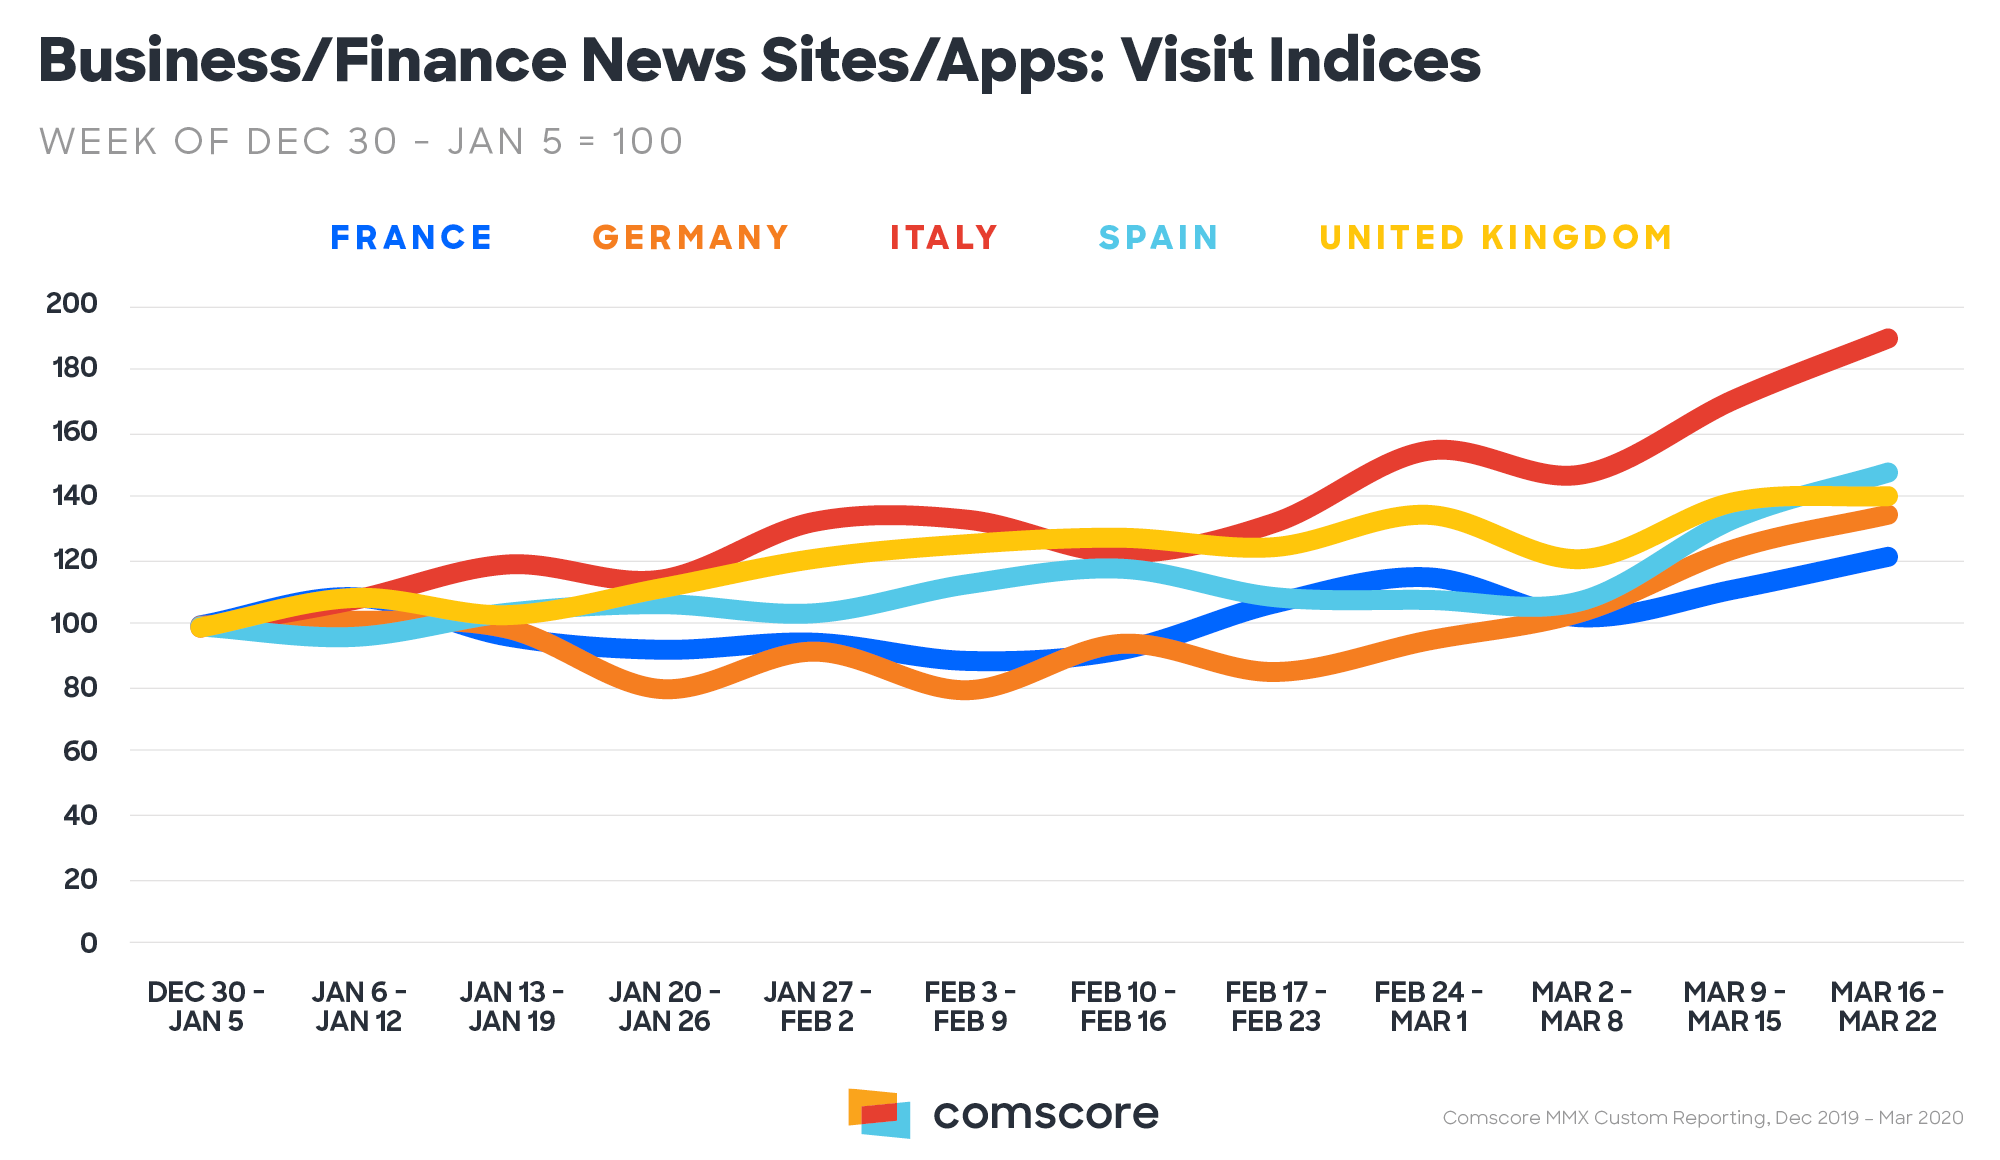 La demanda de información digital se disparó en España en las tres primeras semanas de marzo